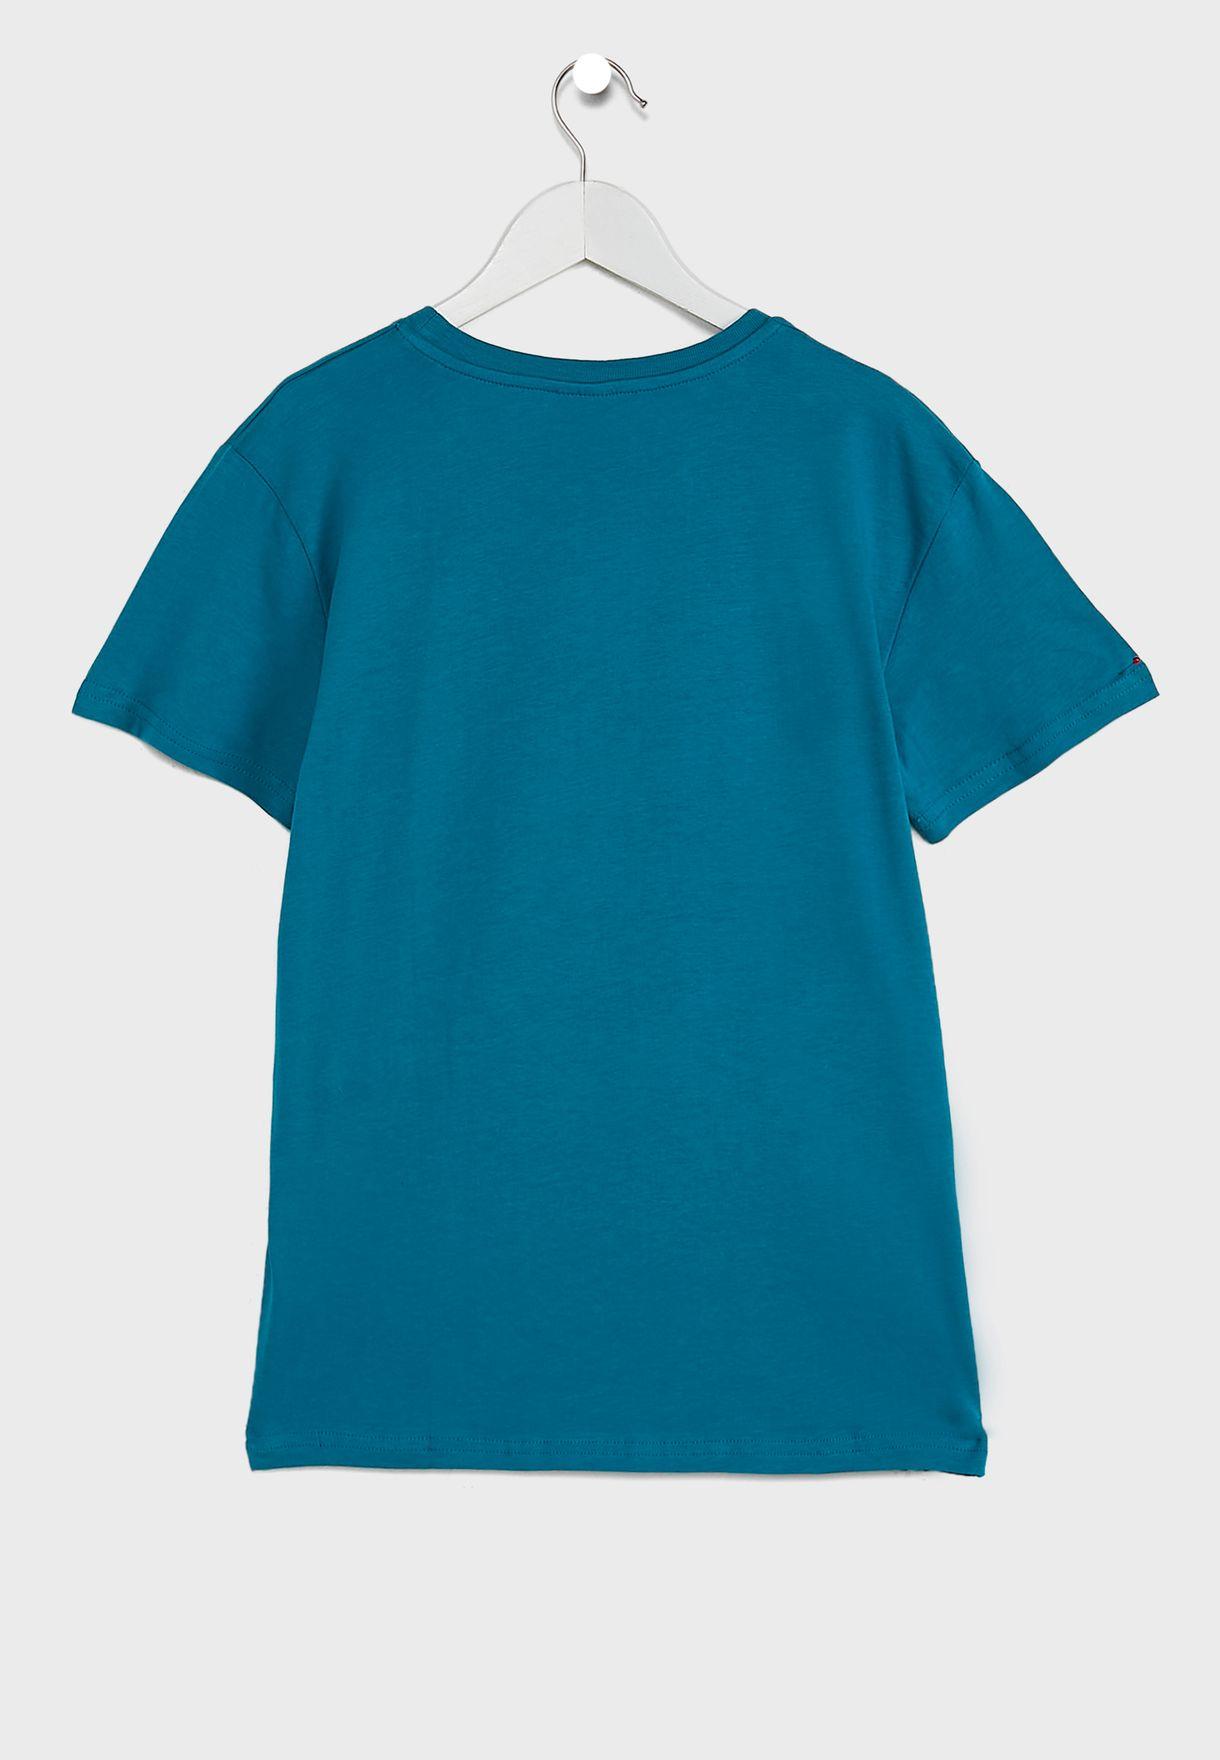 Kids Soccer League T-Shirt & Shorts Set